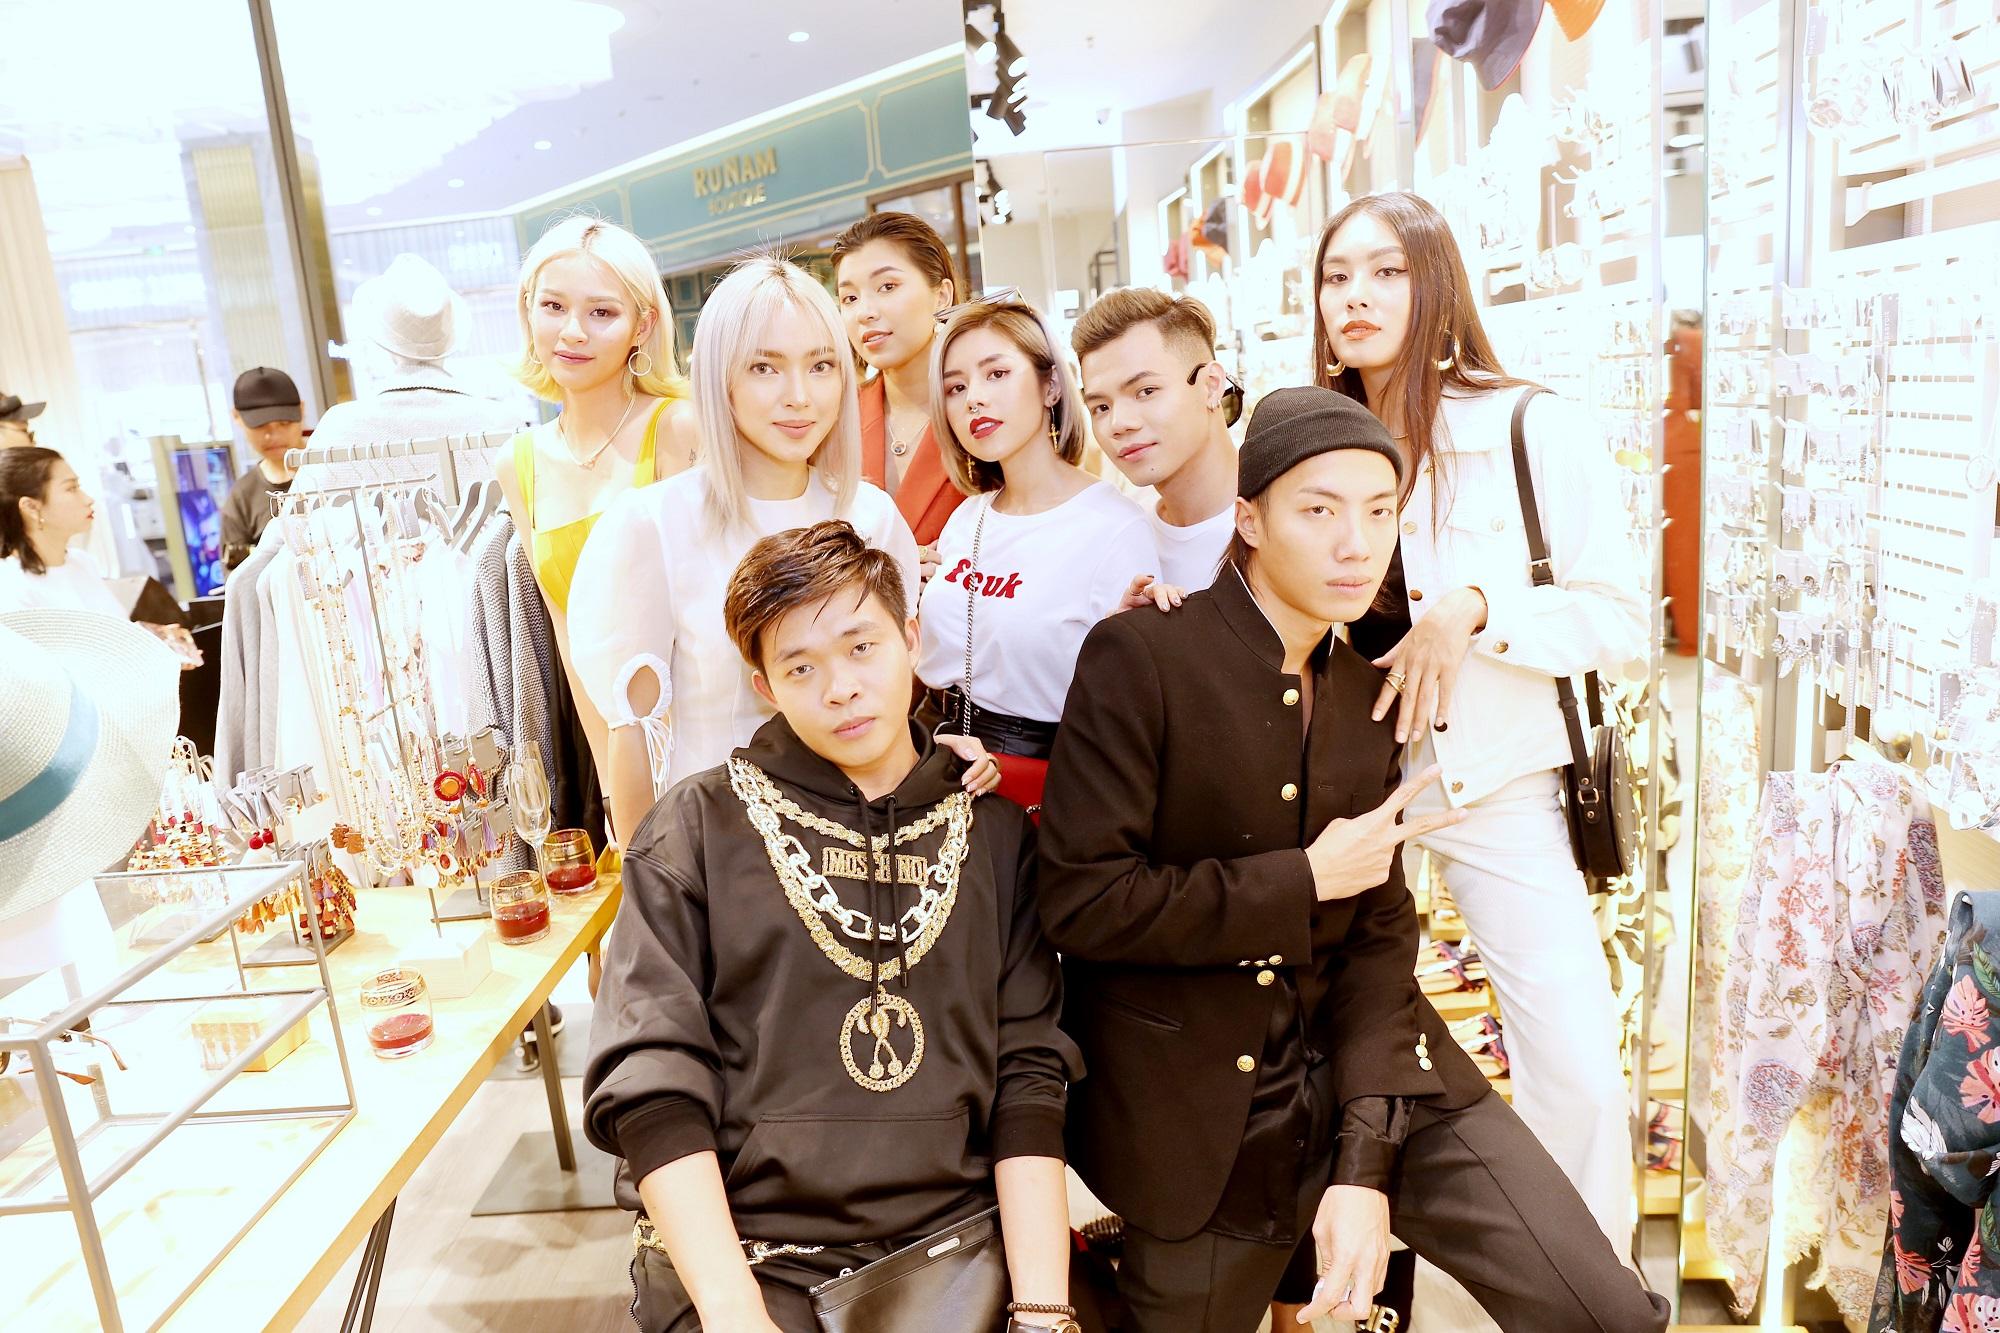 Châu Bùi, Phí Phương Anh cùng đông đảo tín đồ thời trang hội tụ tại cửa hàng phụ kiện đầu tiên của PARFOIS - Ảnh 8.